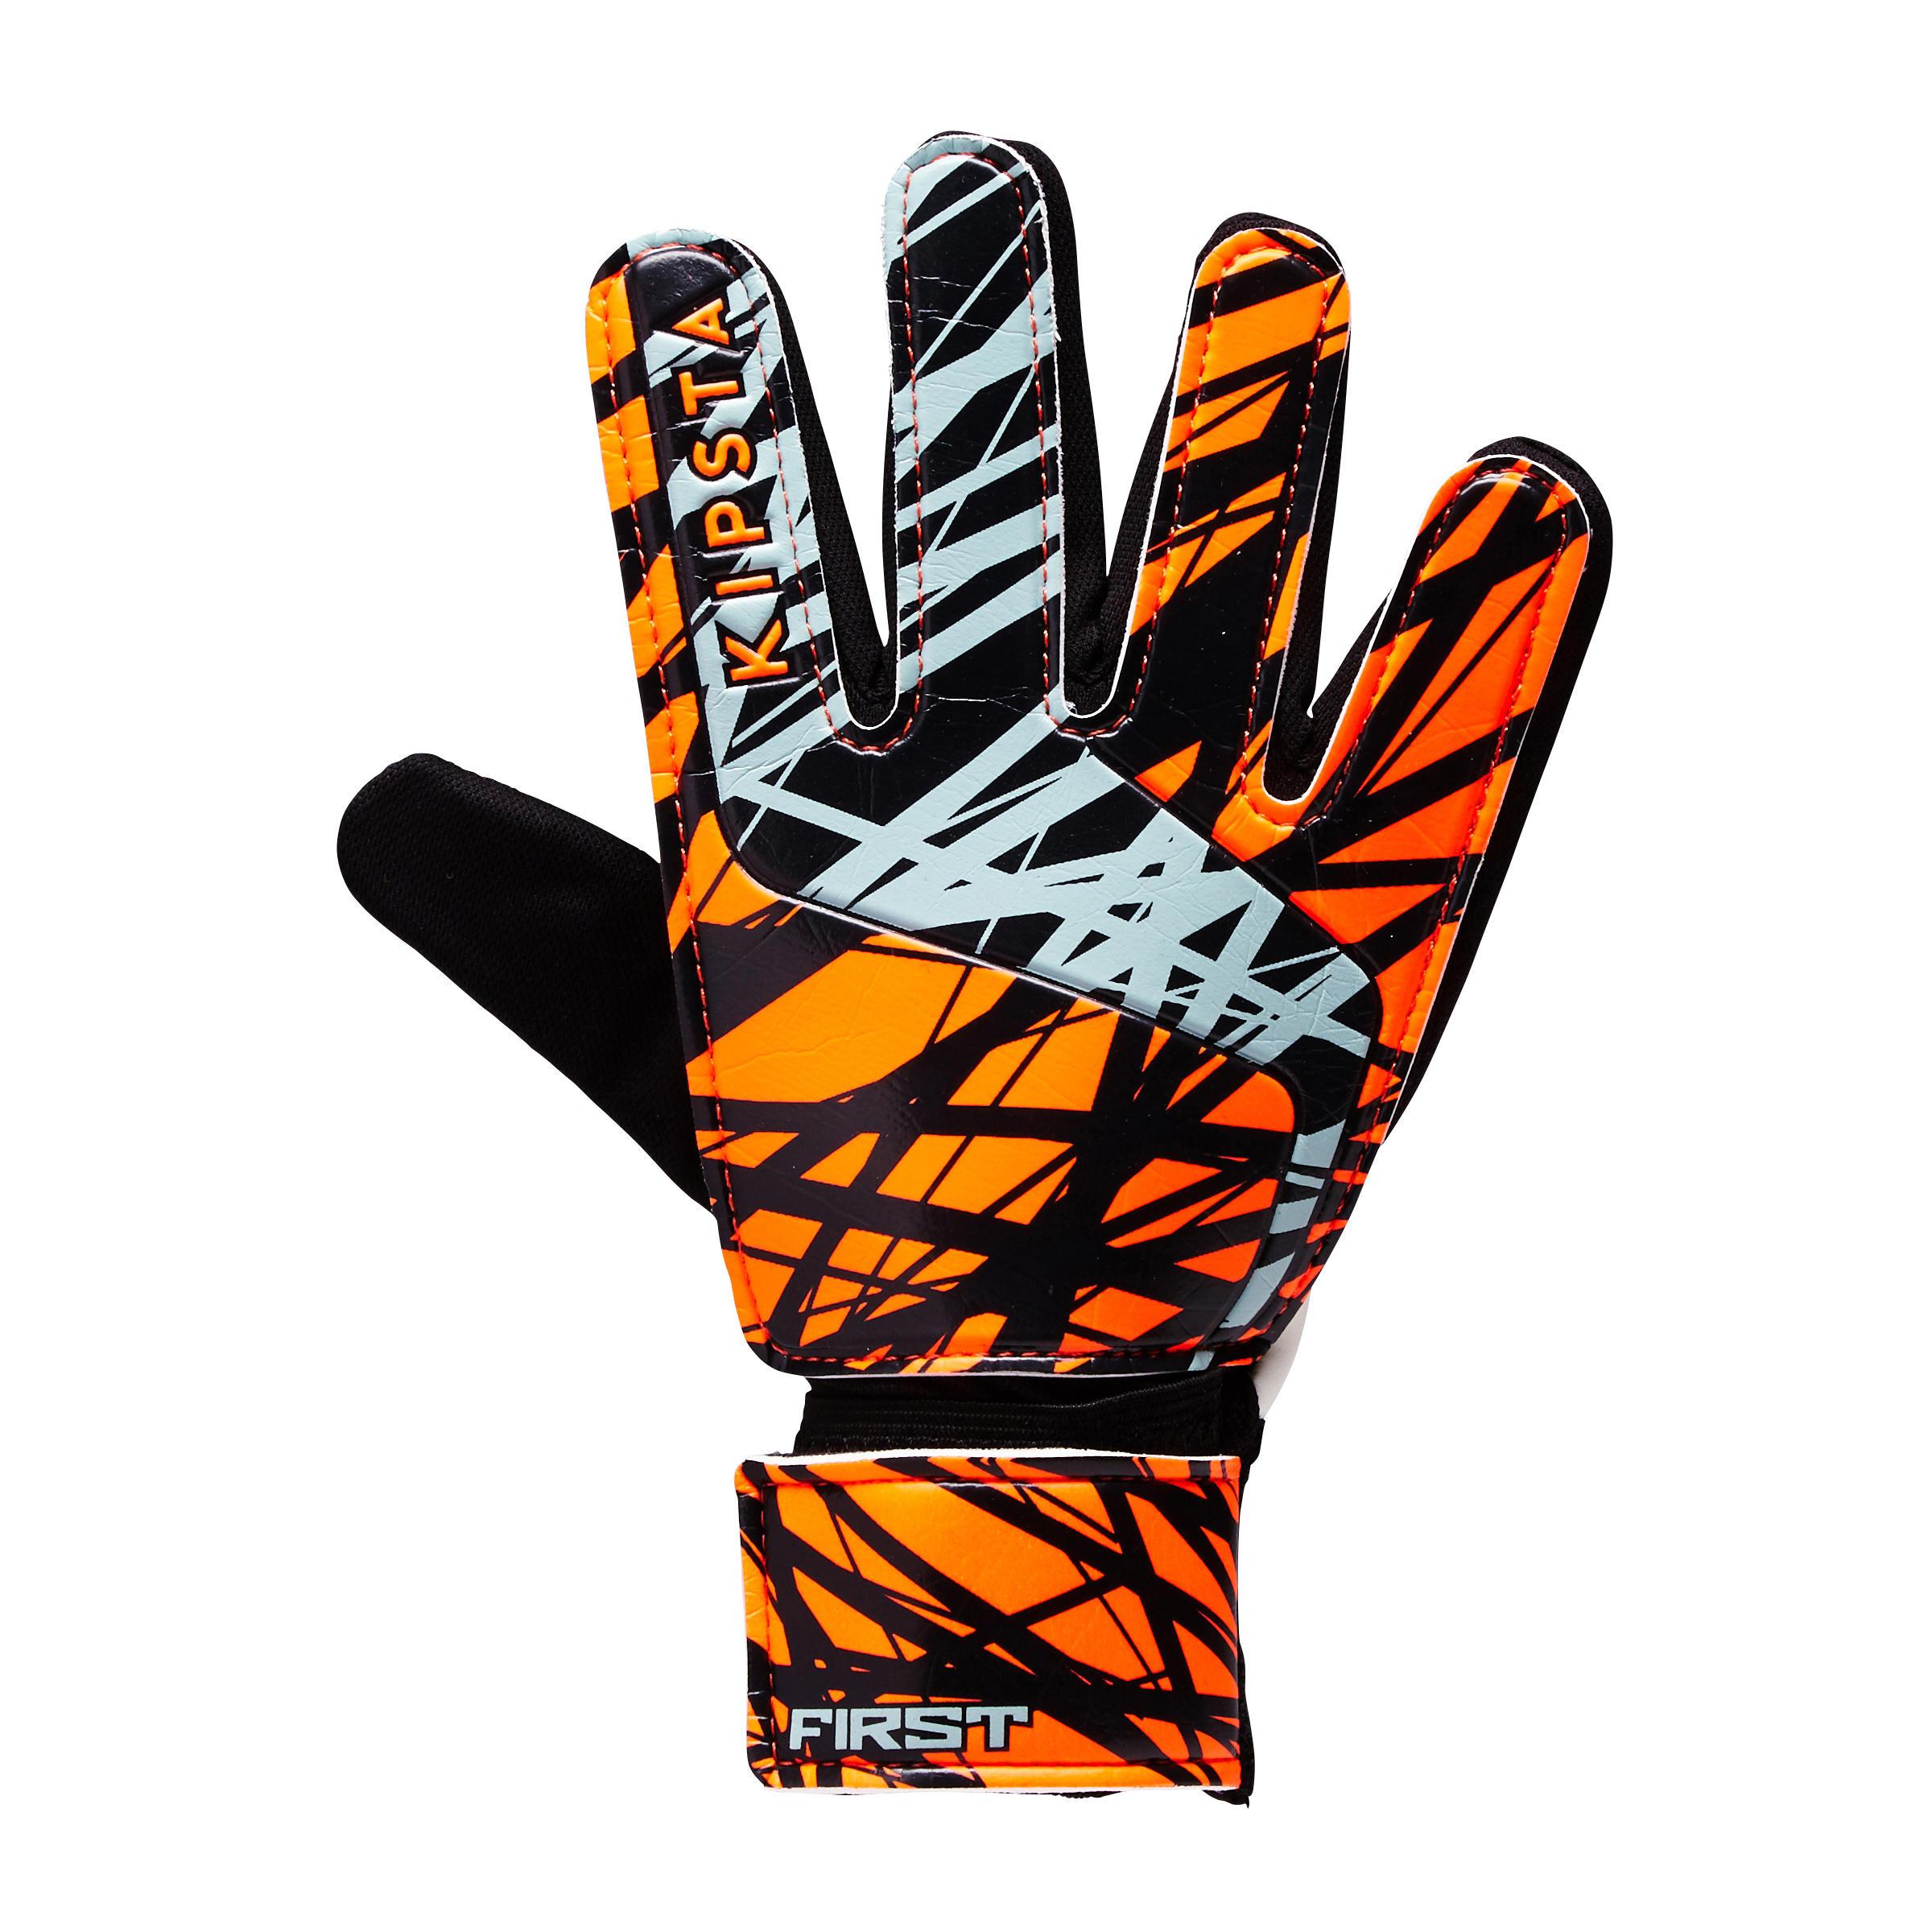 First Kids Soccer Goalkeeper Gloves - Orange/Black/White